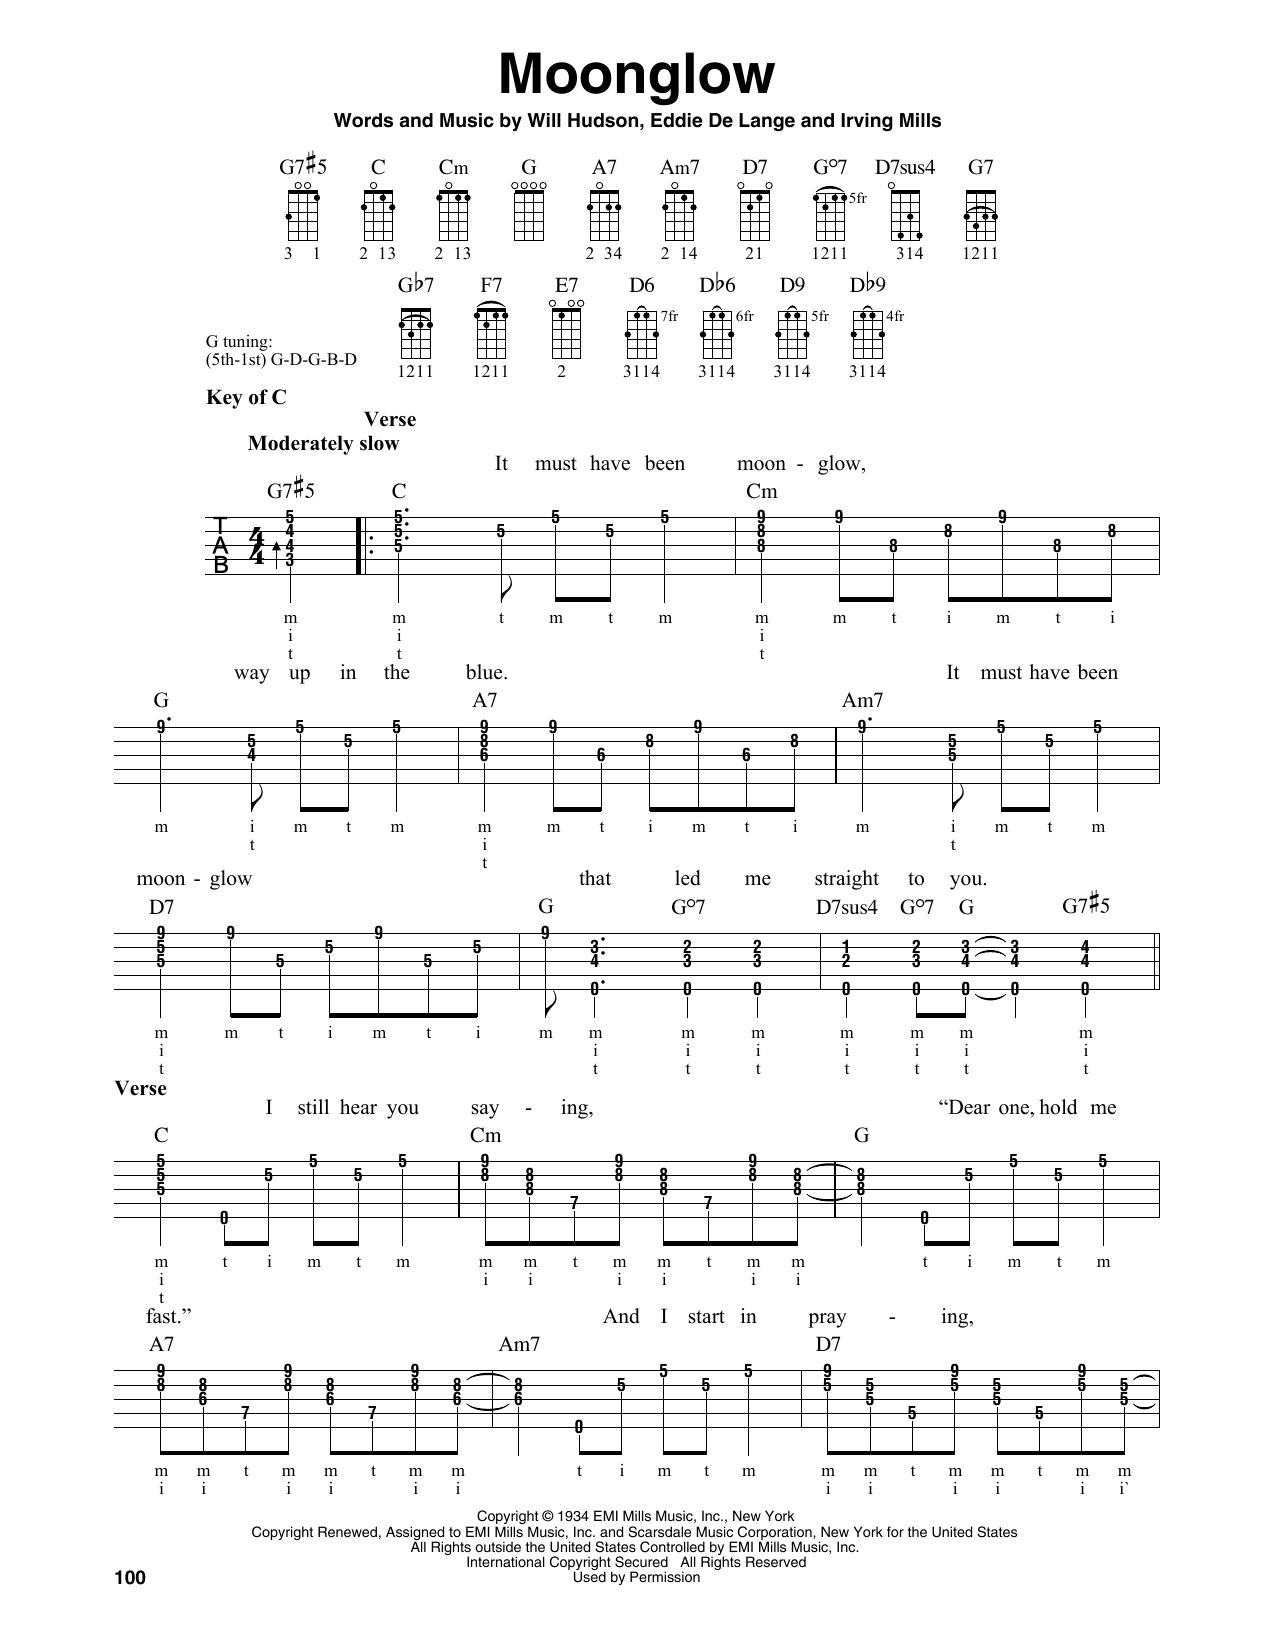 George Cates 'Moonglow' Sheet Music Notes, Chords | Download Printable  Banjo Tab - SKU: 185455